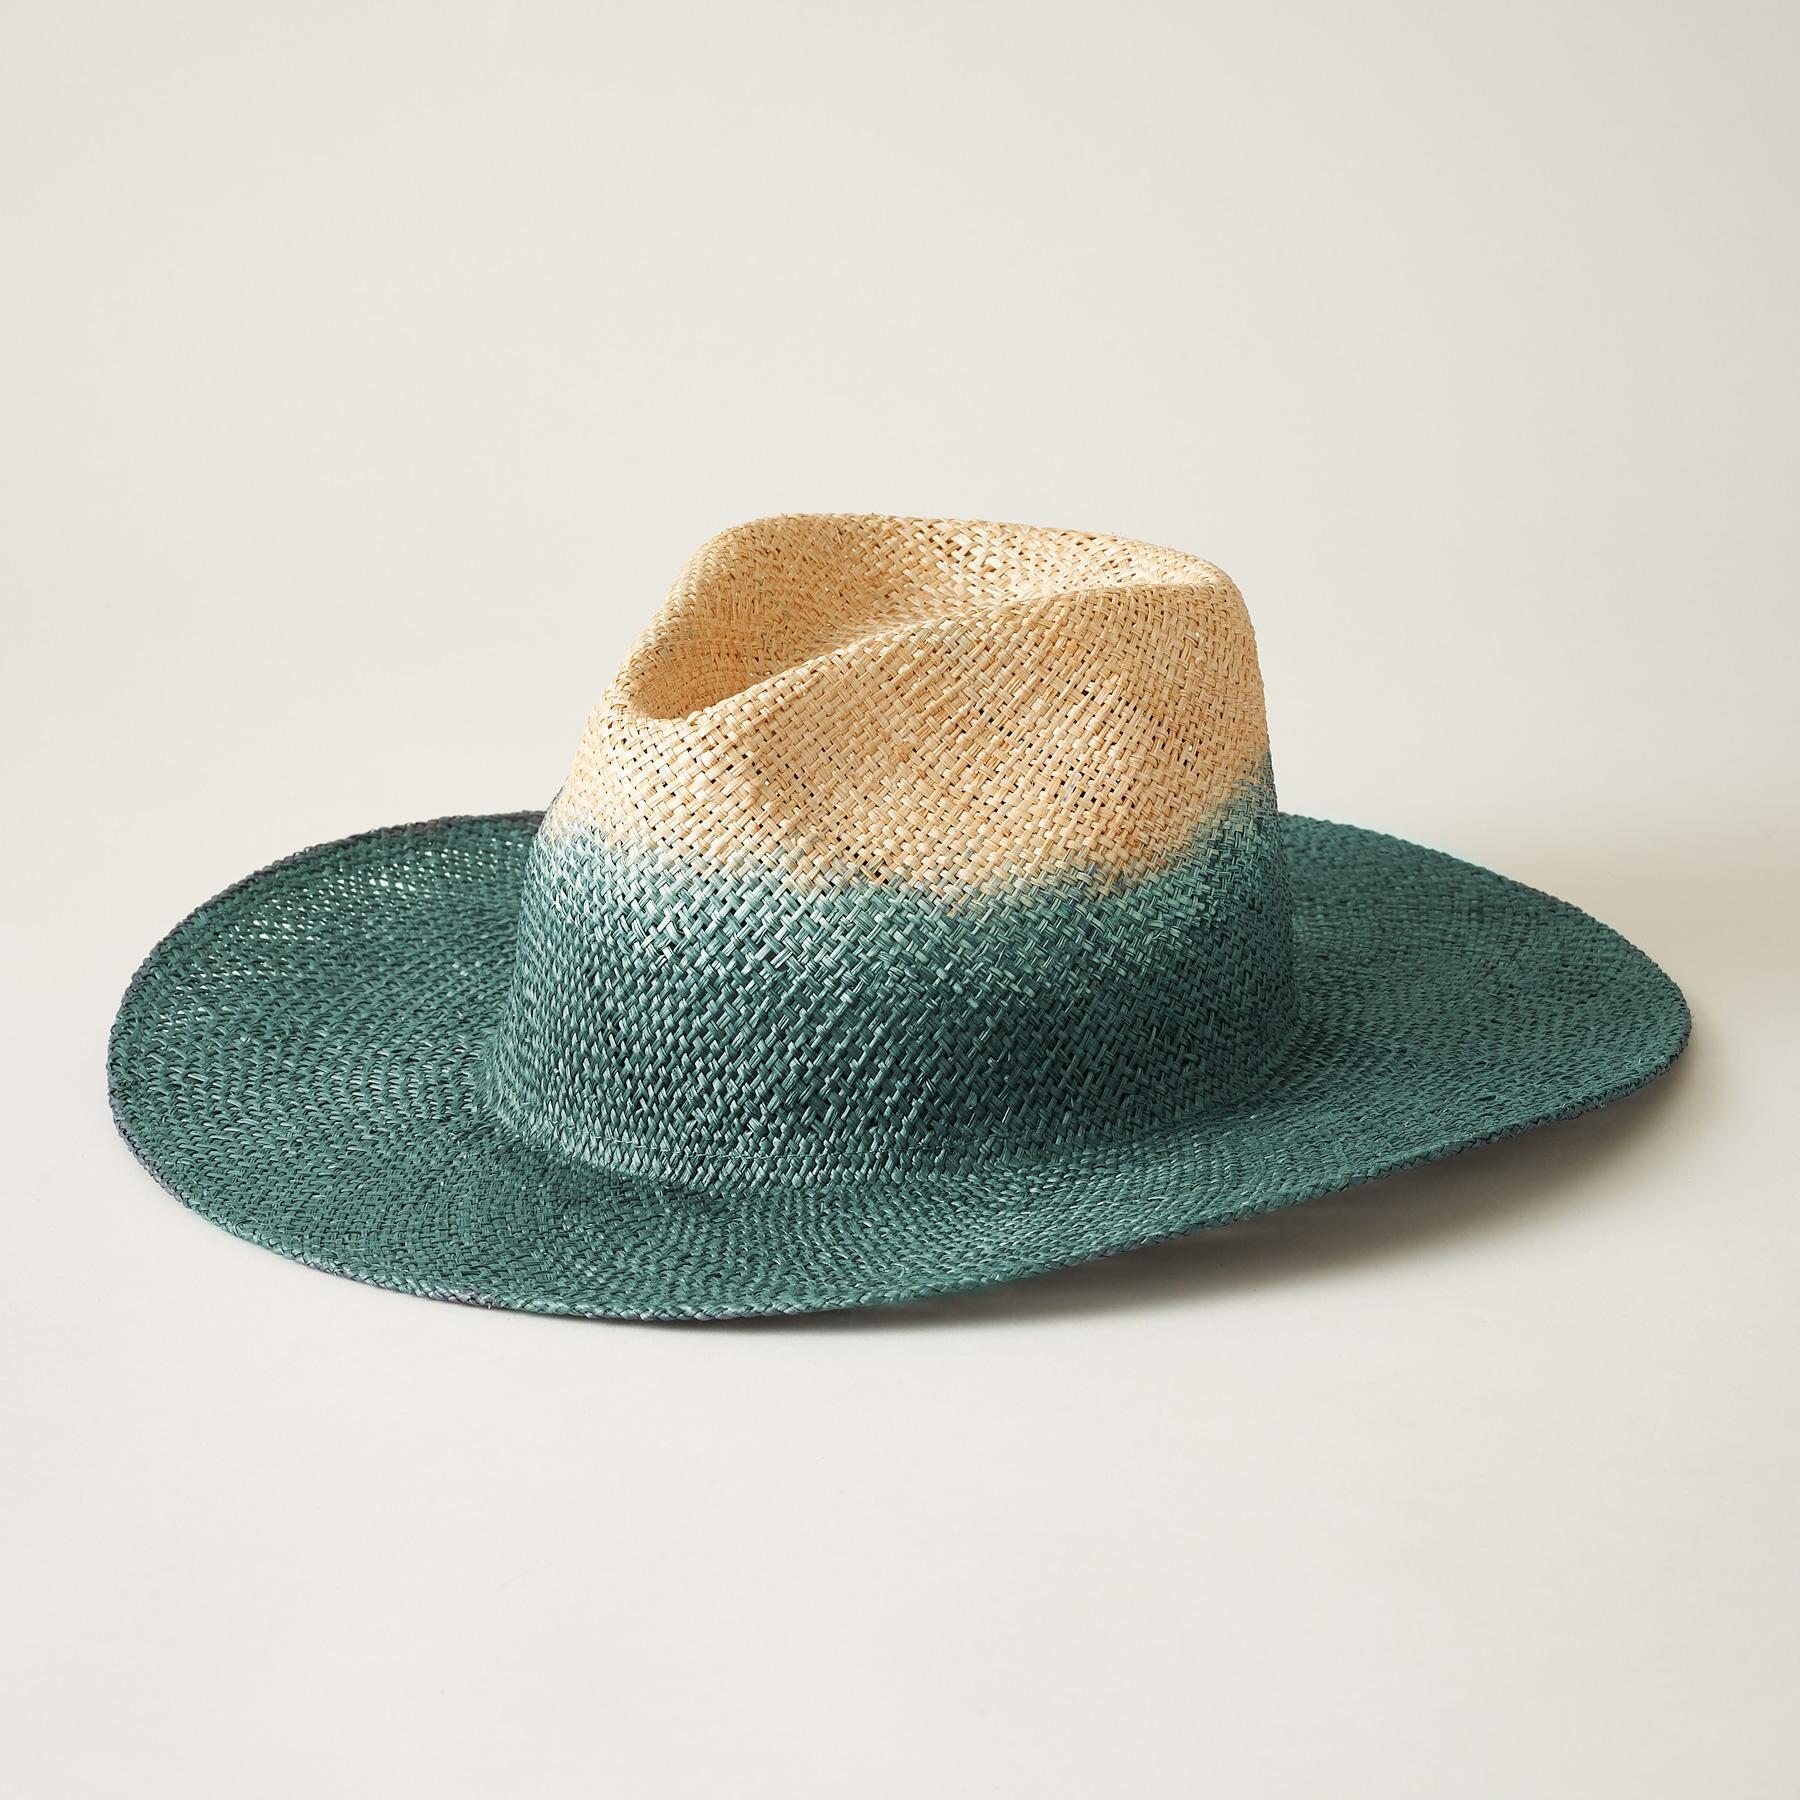 DIP DYE HAT: View 1